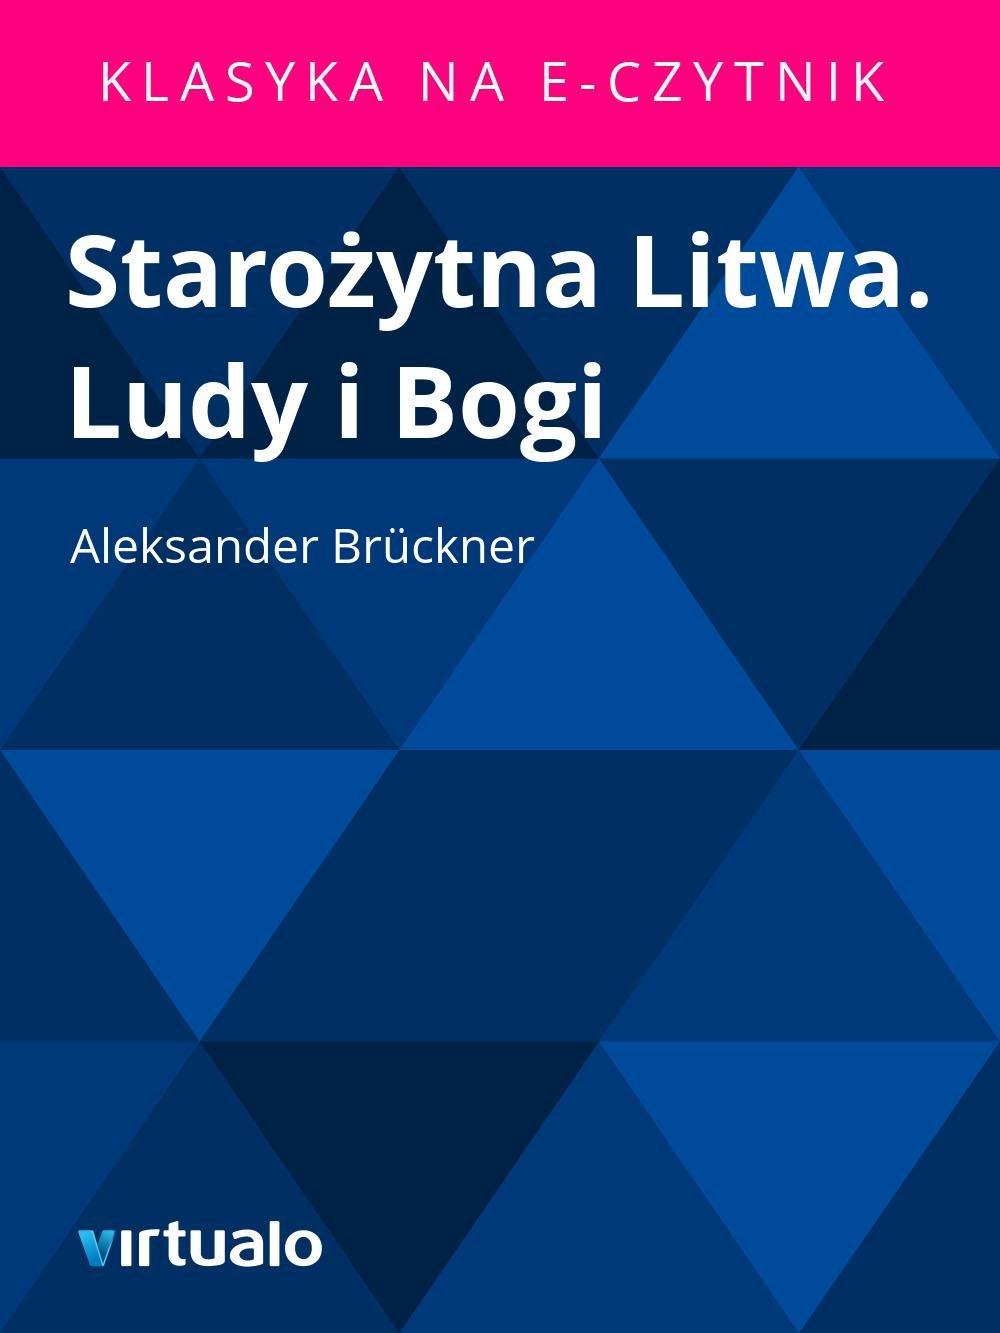 Starożytna Litwa. Ludy i Bogi - Ebook (Książka EPUB) do pobrania w formacie EPUB